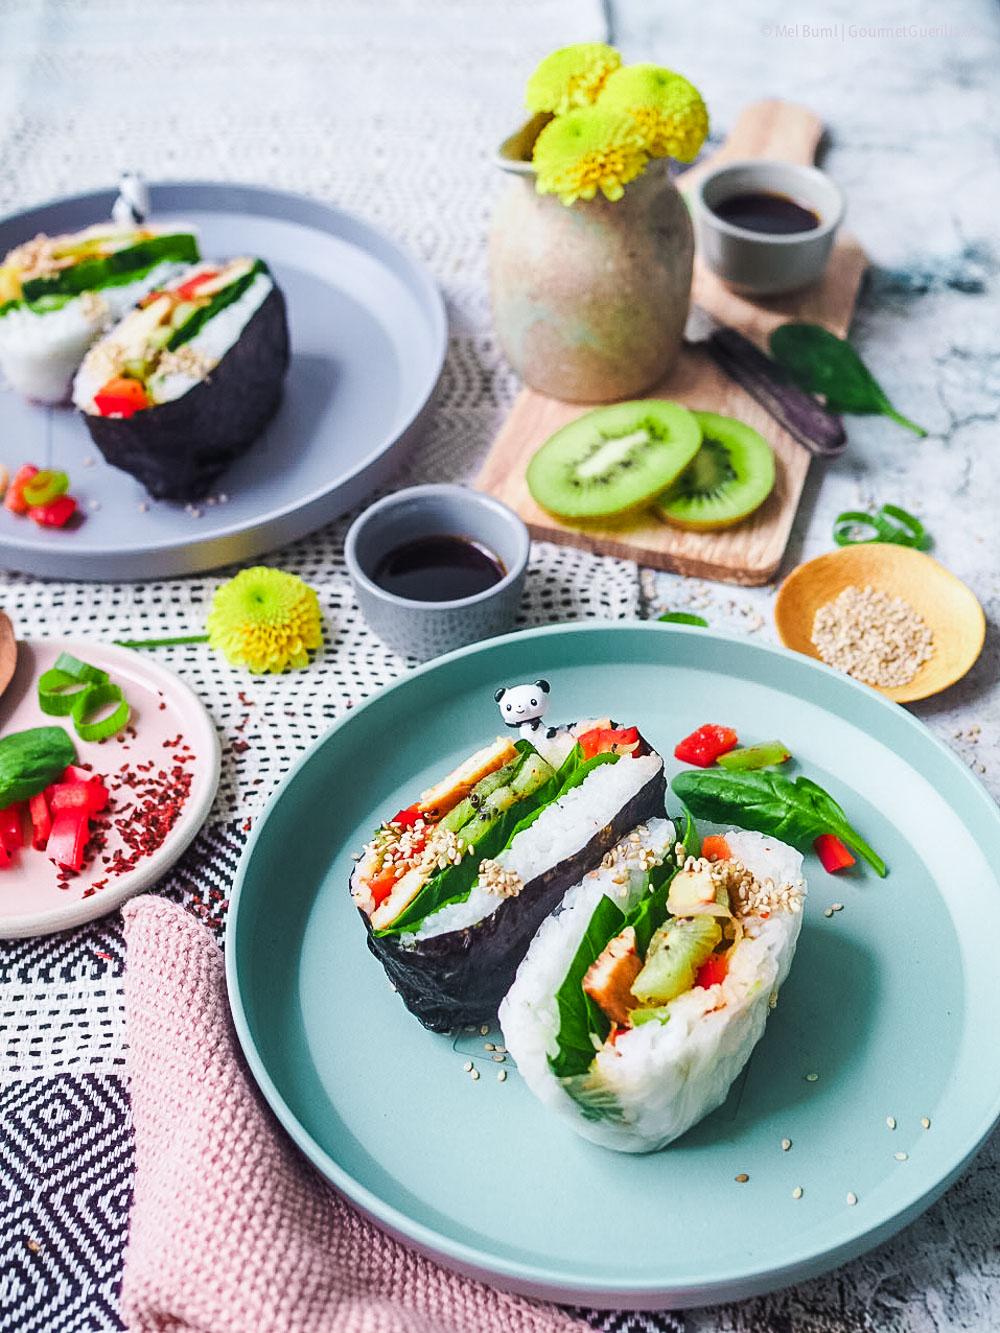 Japanisches Reissandwich mit Kiwi-Salat und Teriyaki-Huehnchen - Onigirazu |GourmetGuerilla.de-8200731